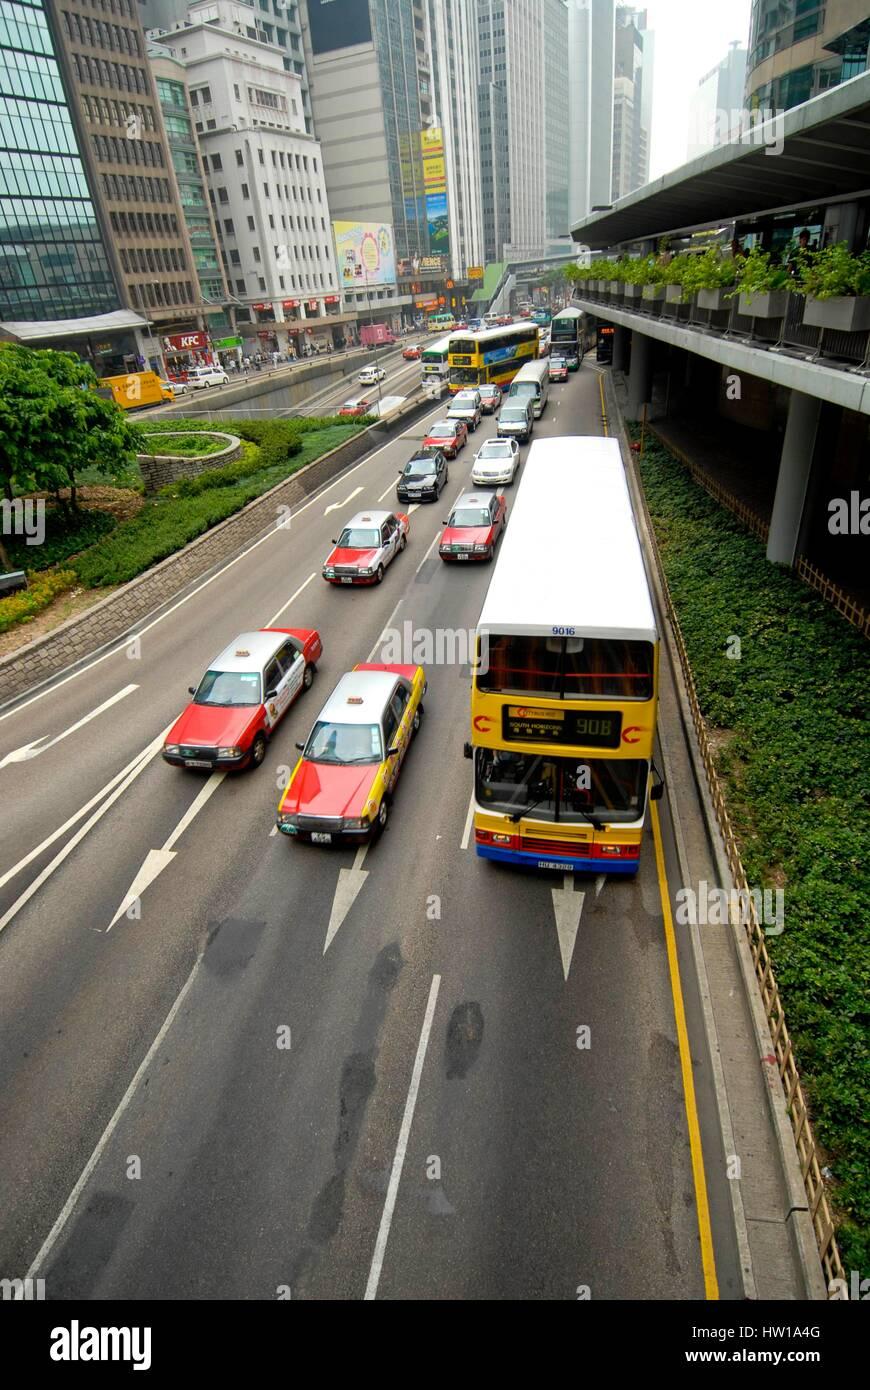 China - Hong Kong - Connaught Road Central, China - Hong Kong  -  Connaught Road Central Stock Photo